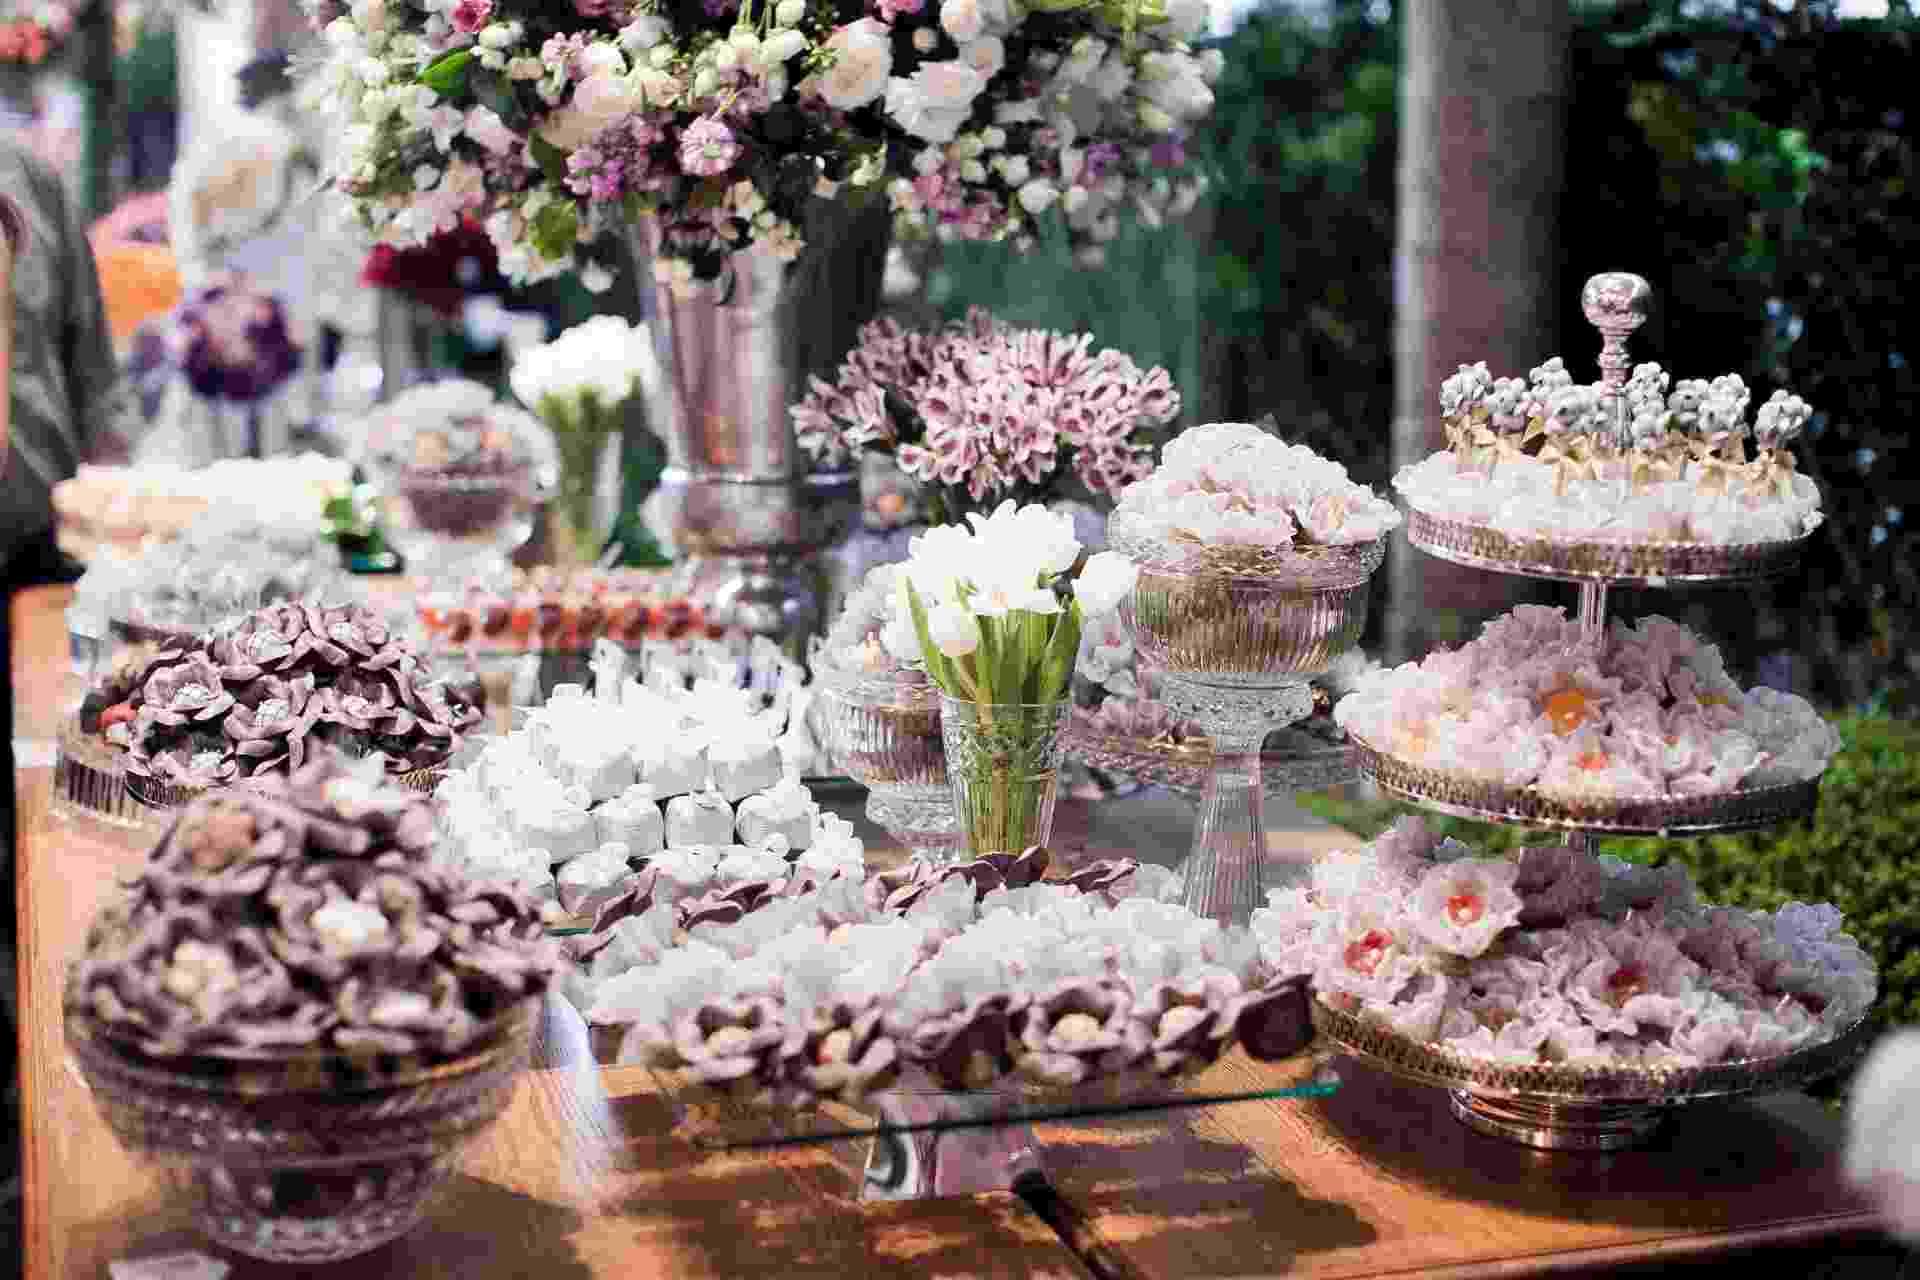 11.abr.2013 - mesa de doces da Louzieh Doces Finos (www.louziehdoces.com.br) apresentada na Casar 2013 - Leonardo Soares/UOL